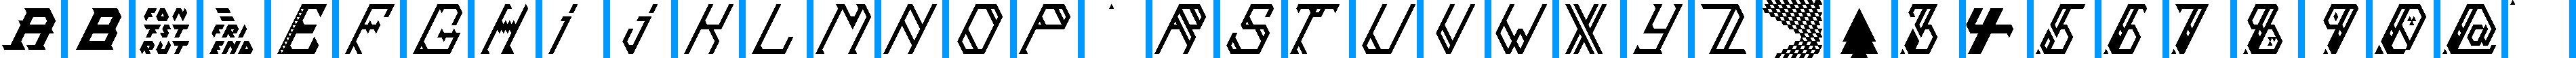 Particip-a-type v.346